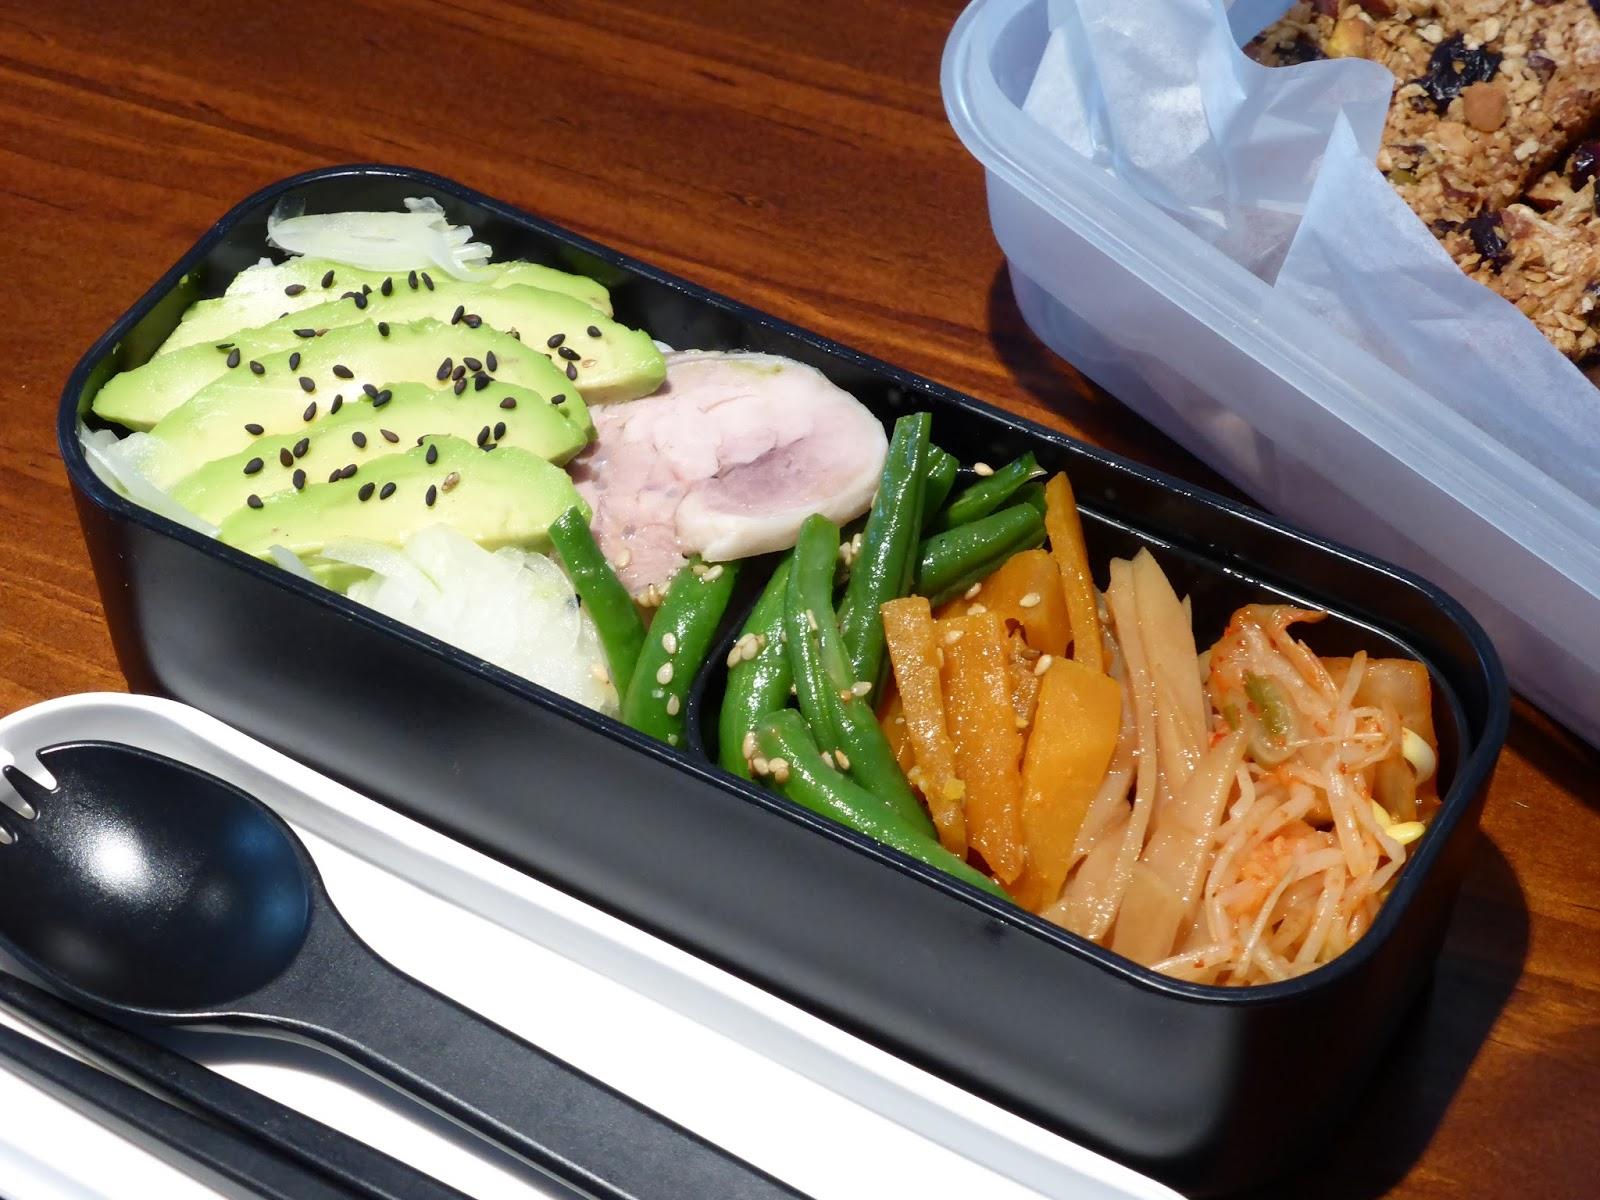 便當#2 酪梨雙層飯、味噌芝麻拌四季豆、簡單炒脆脆馬鈴薯、韓式泡菜拌黃豆芽